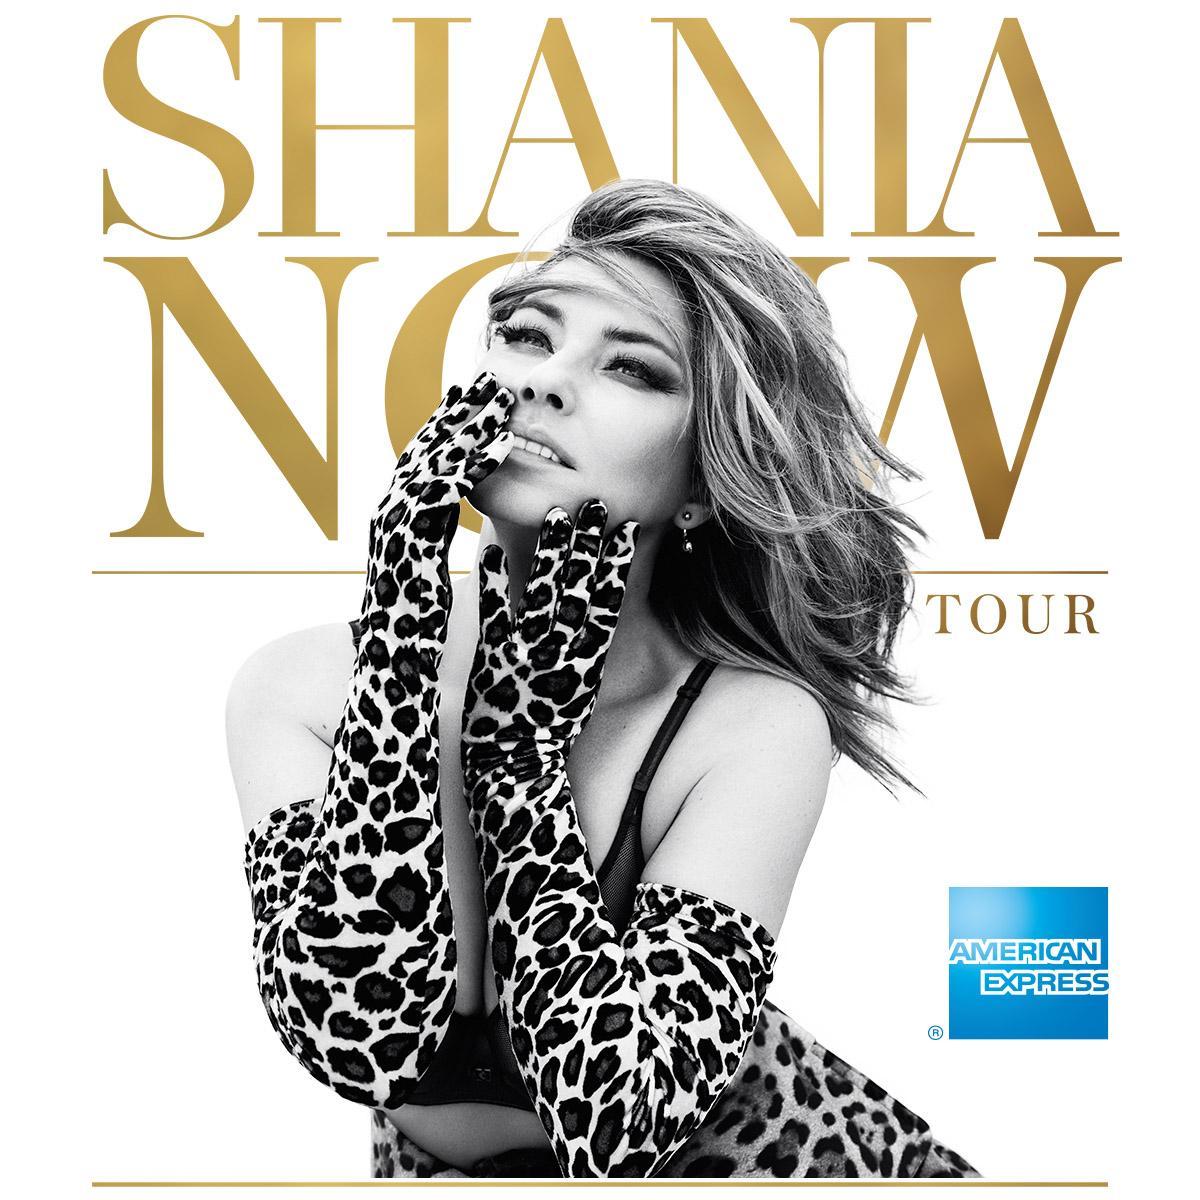 Shania Twain on Twitter: